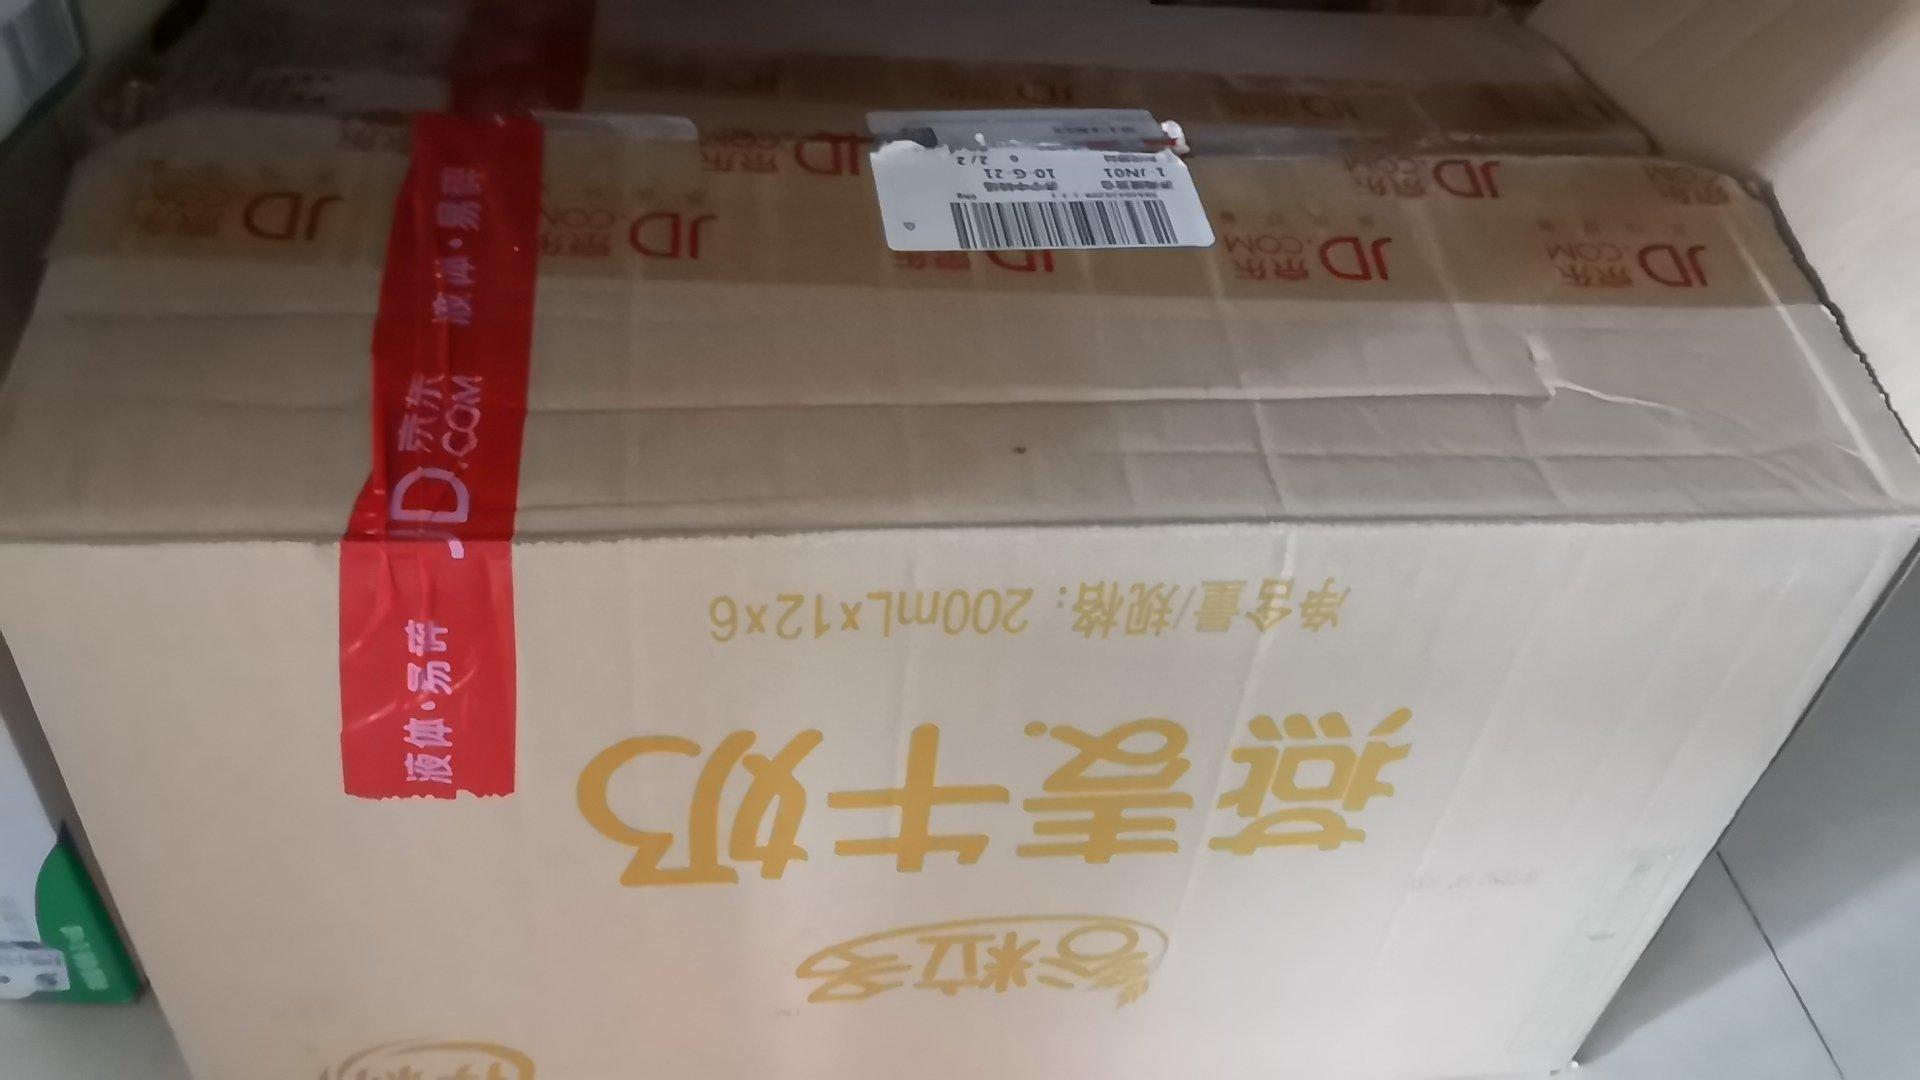 fitflop sale manila 2013 00912502 women